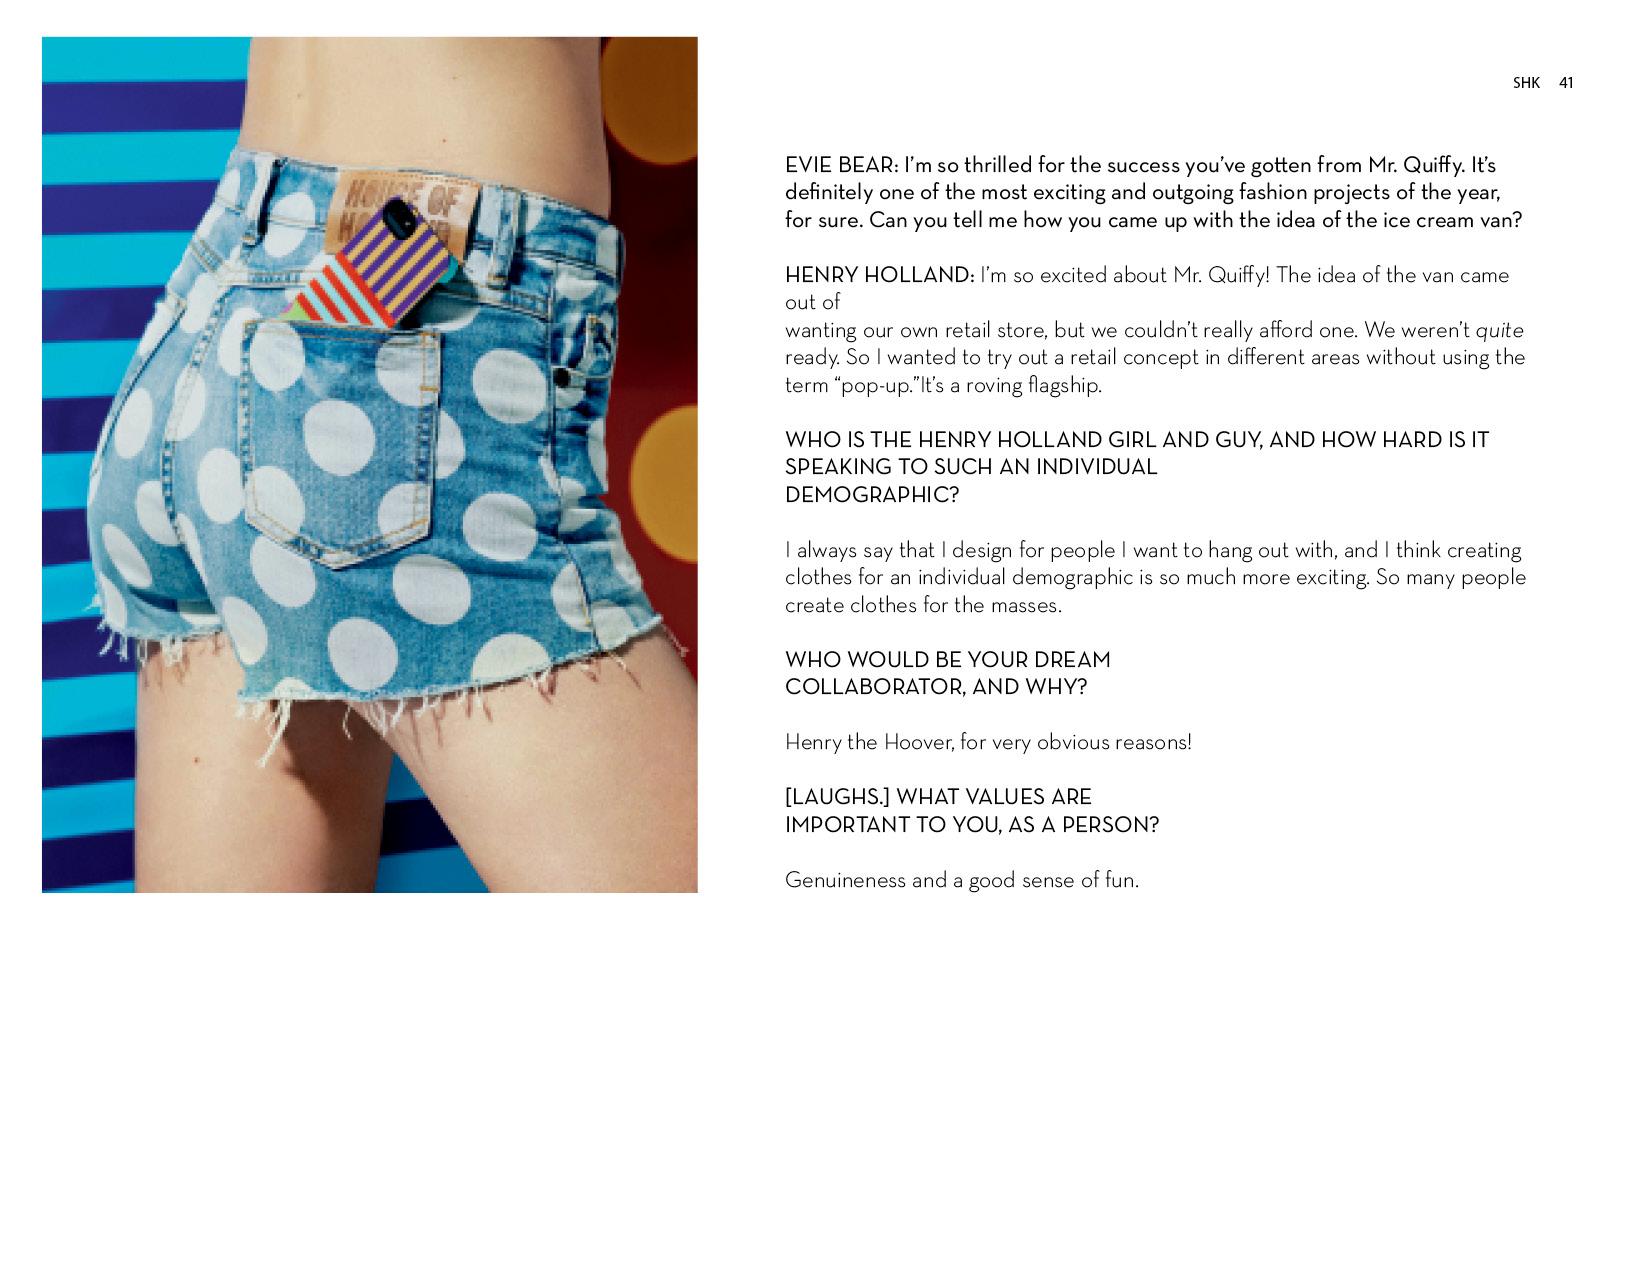 SHK-Summer-Issue-Summer-Needs-No-Explaination-201341.jpg